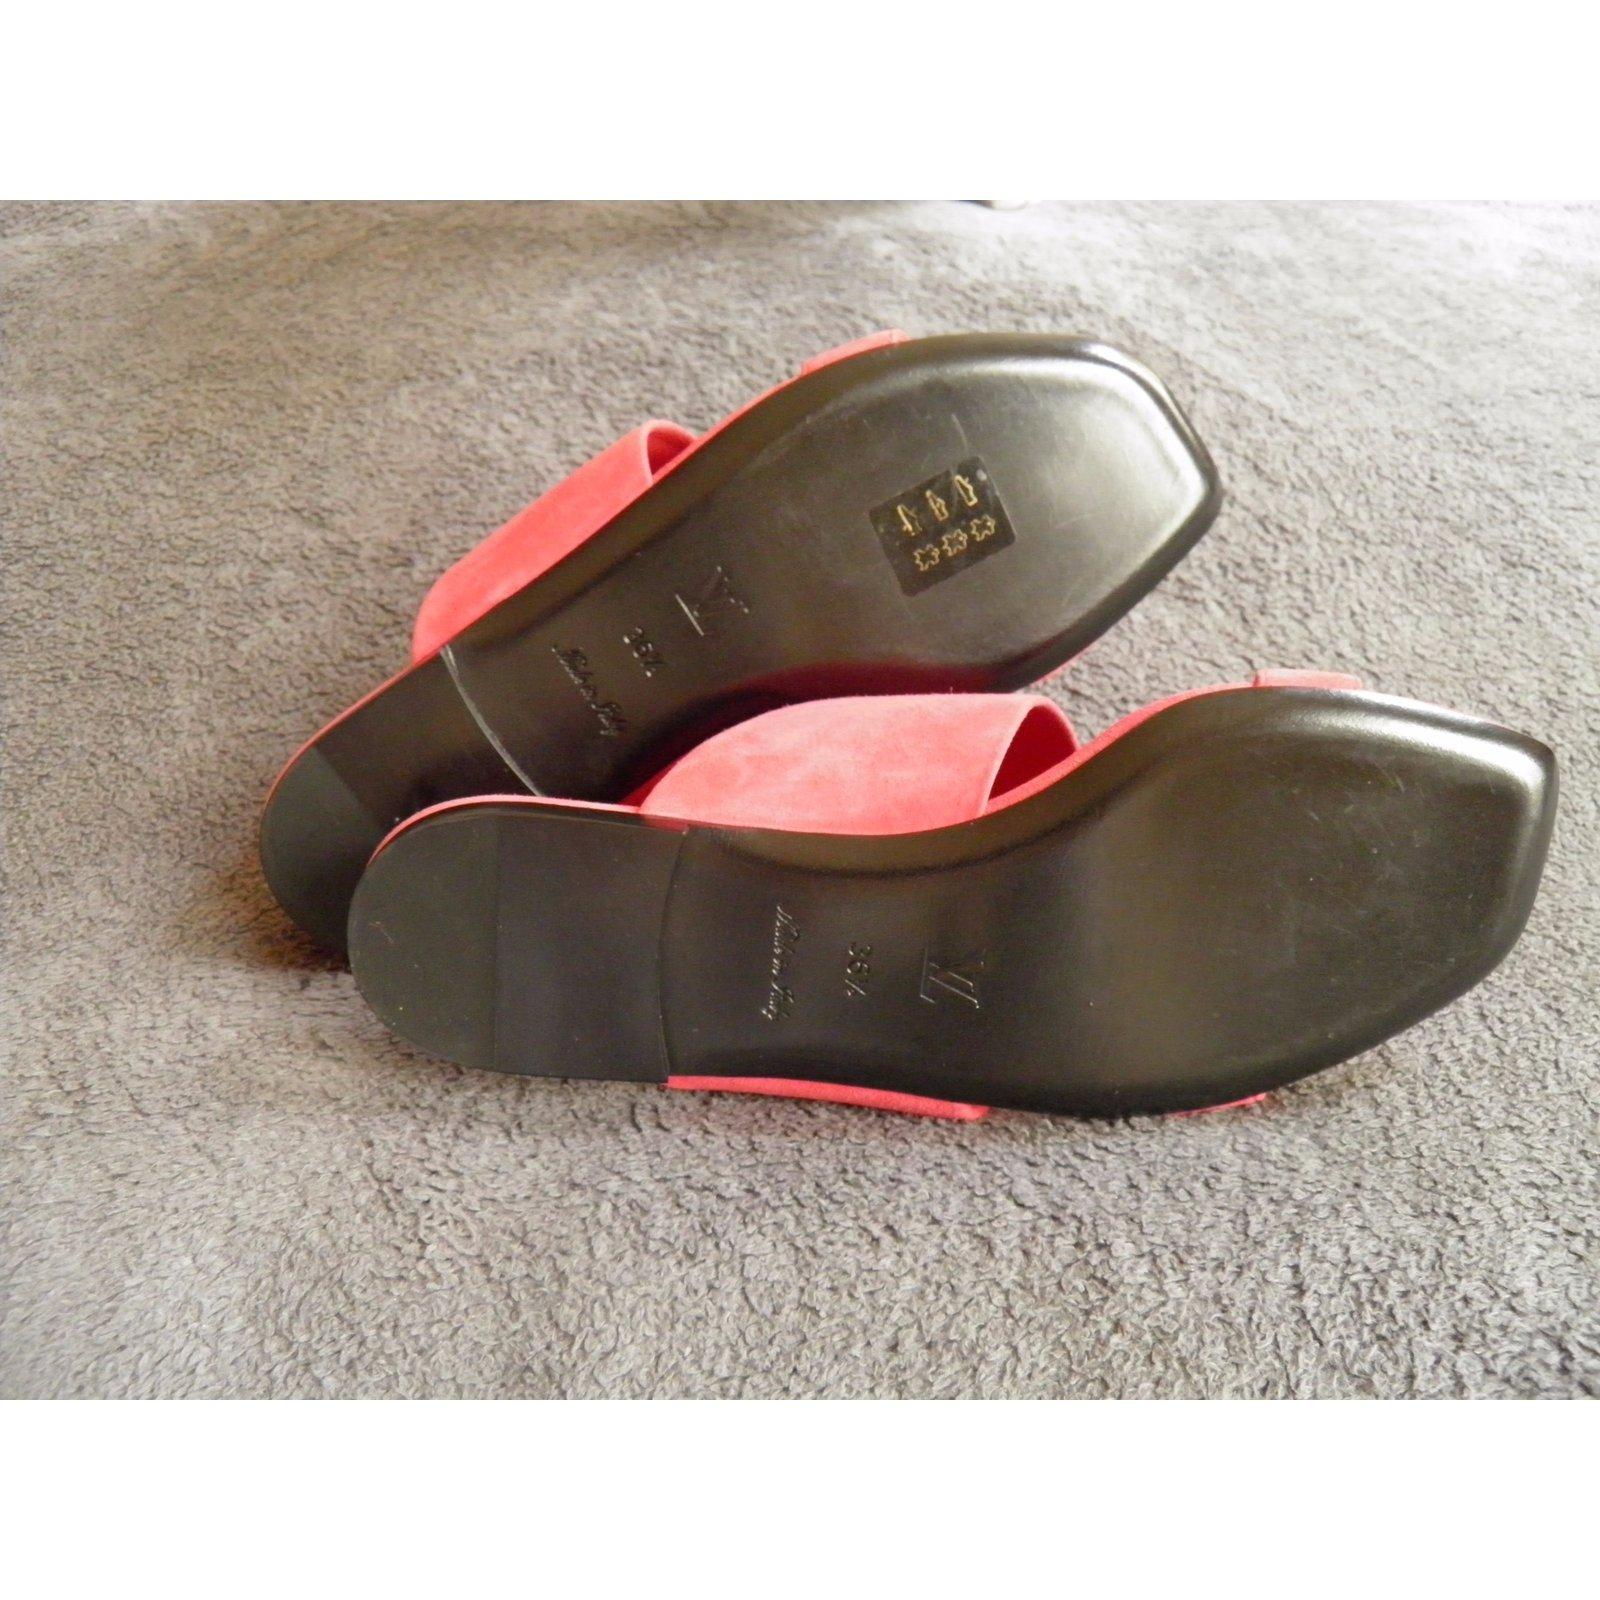 4c2dac78d39d Louis Vuitton new wave Sandals Suede Pink ref.53398 - Joli Closet